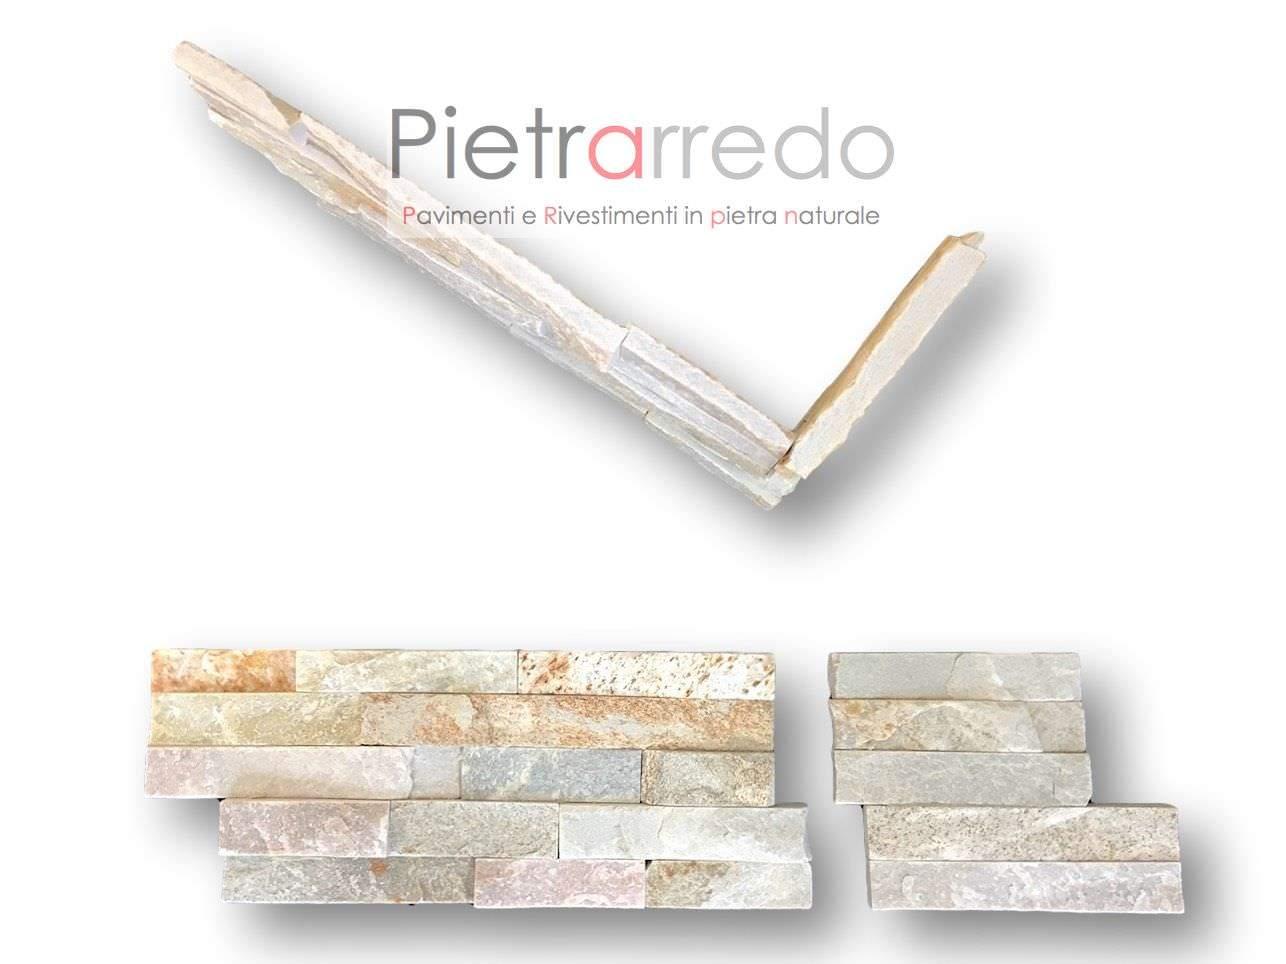 Angoli rivestimento pietra quarzite mista in offerta 37 ml for Costo per costruire pilastri di pietra